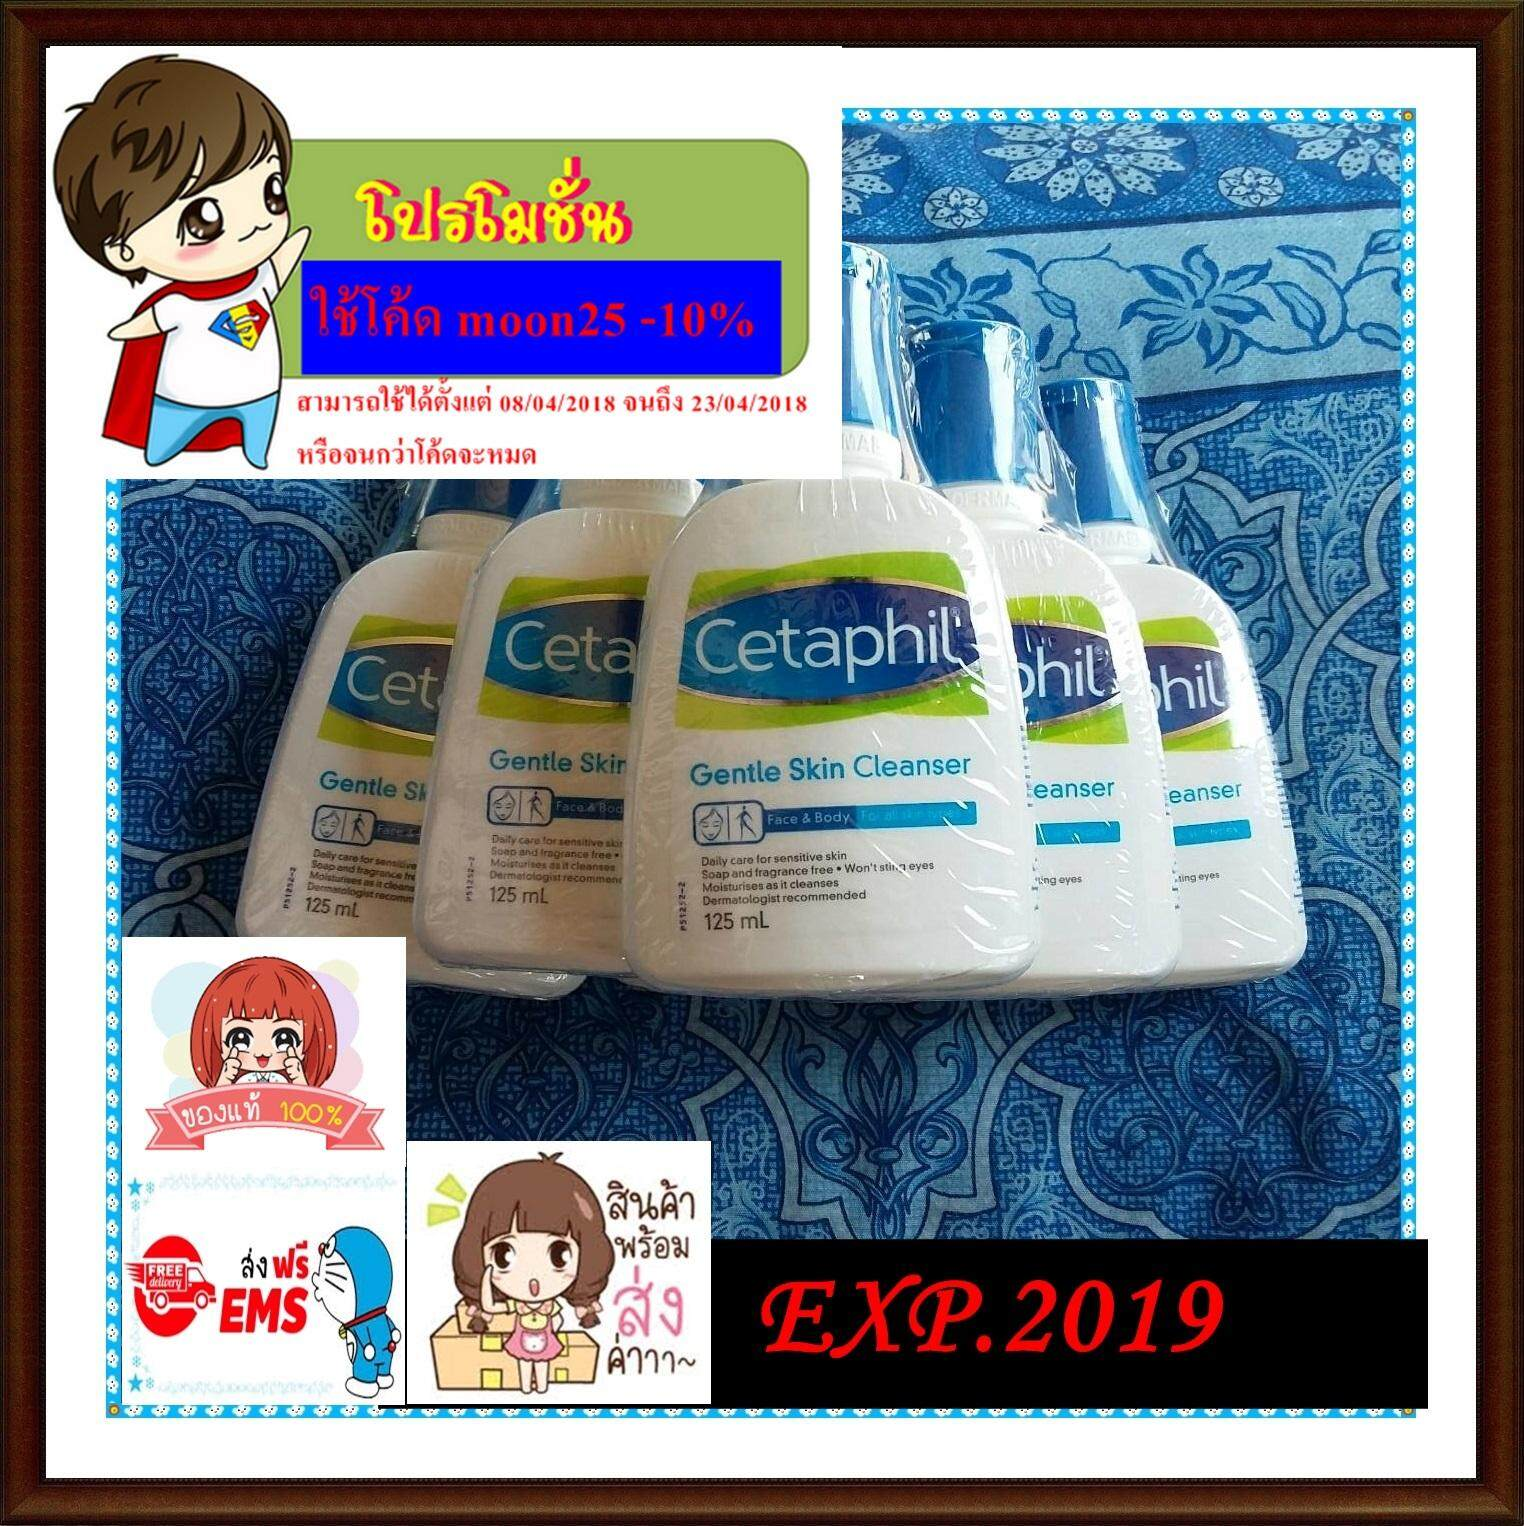 โปรโมชั่น Cetaphil Gentle Skin Cleanser 125 Ml เซตาฟิล ถูก